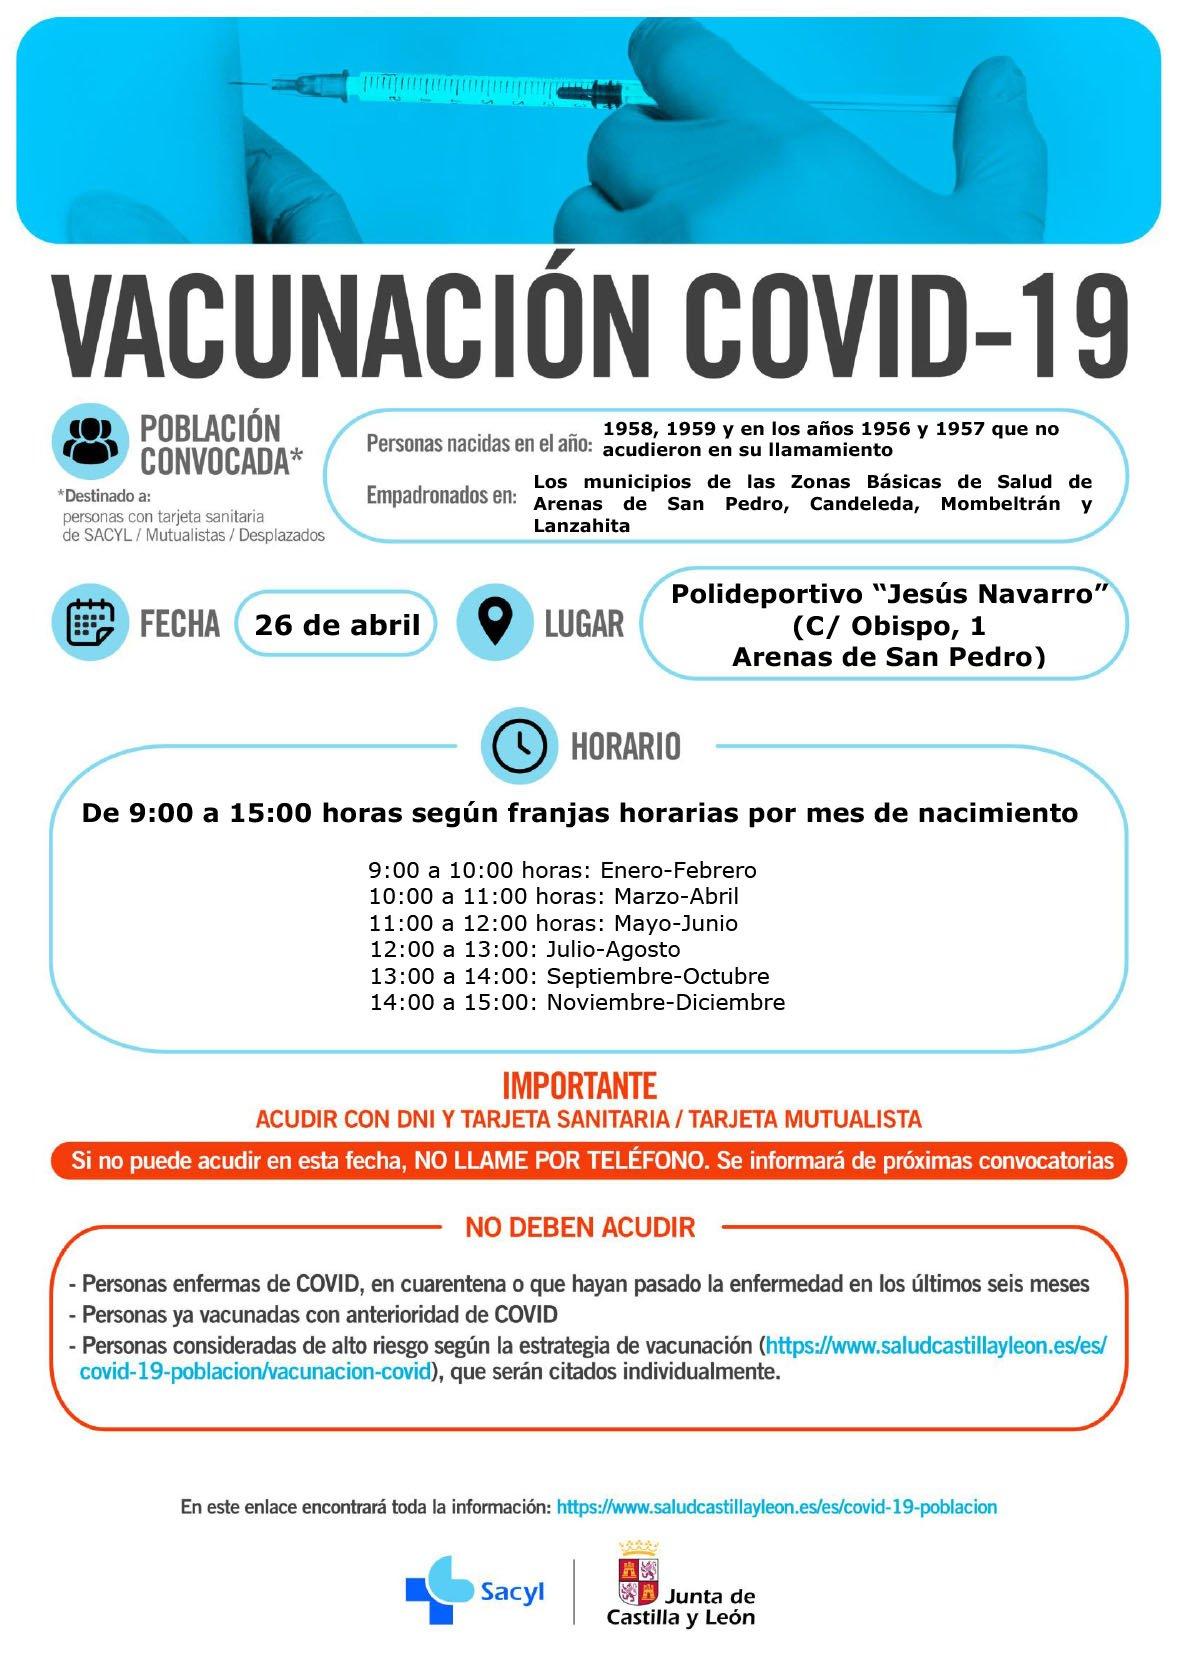 Vacunación en Arenas de San Pedro para nacidos en 1958, 1959, 1956 y 1957 el 26 de abril de 2021